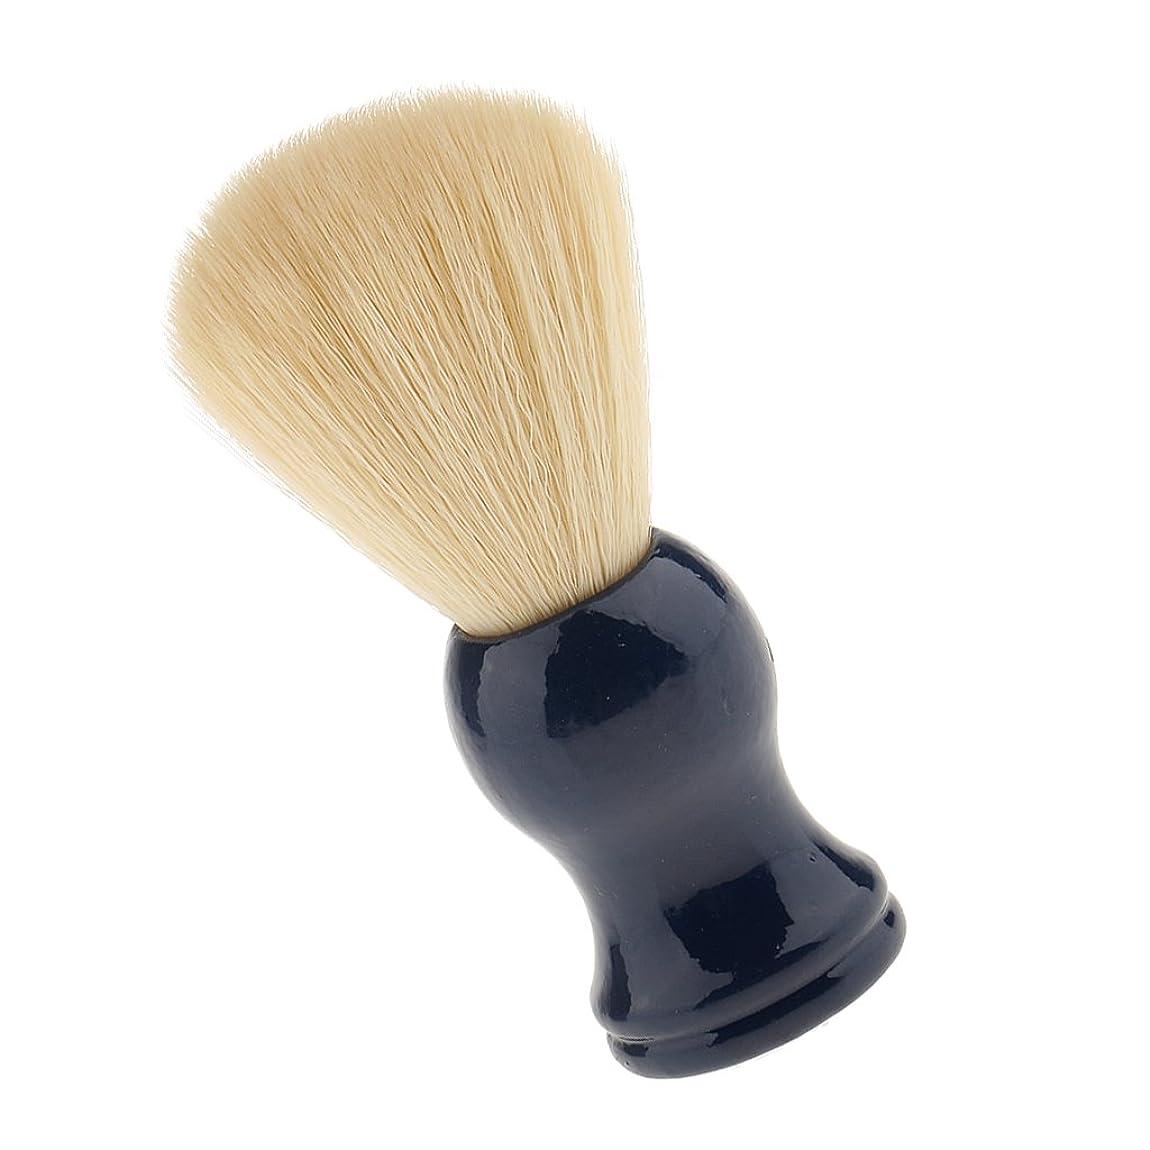 引き付ける消毒するサイドボードKesoto シェービングブラシ 美容院用工具 理髪用 スキンケア サロン 便利グッズ ひげブラシ 首/顔 散髪整理  1点